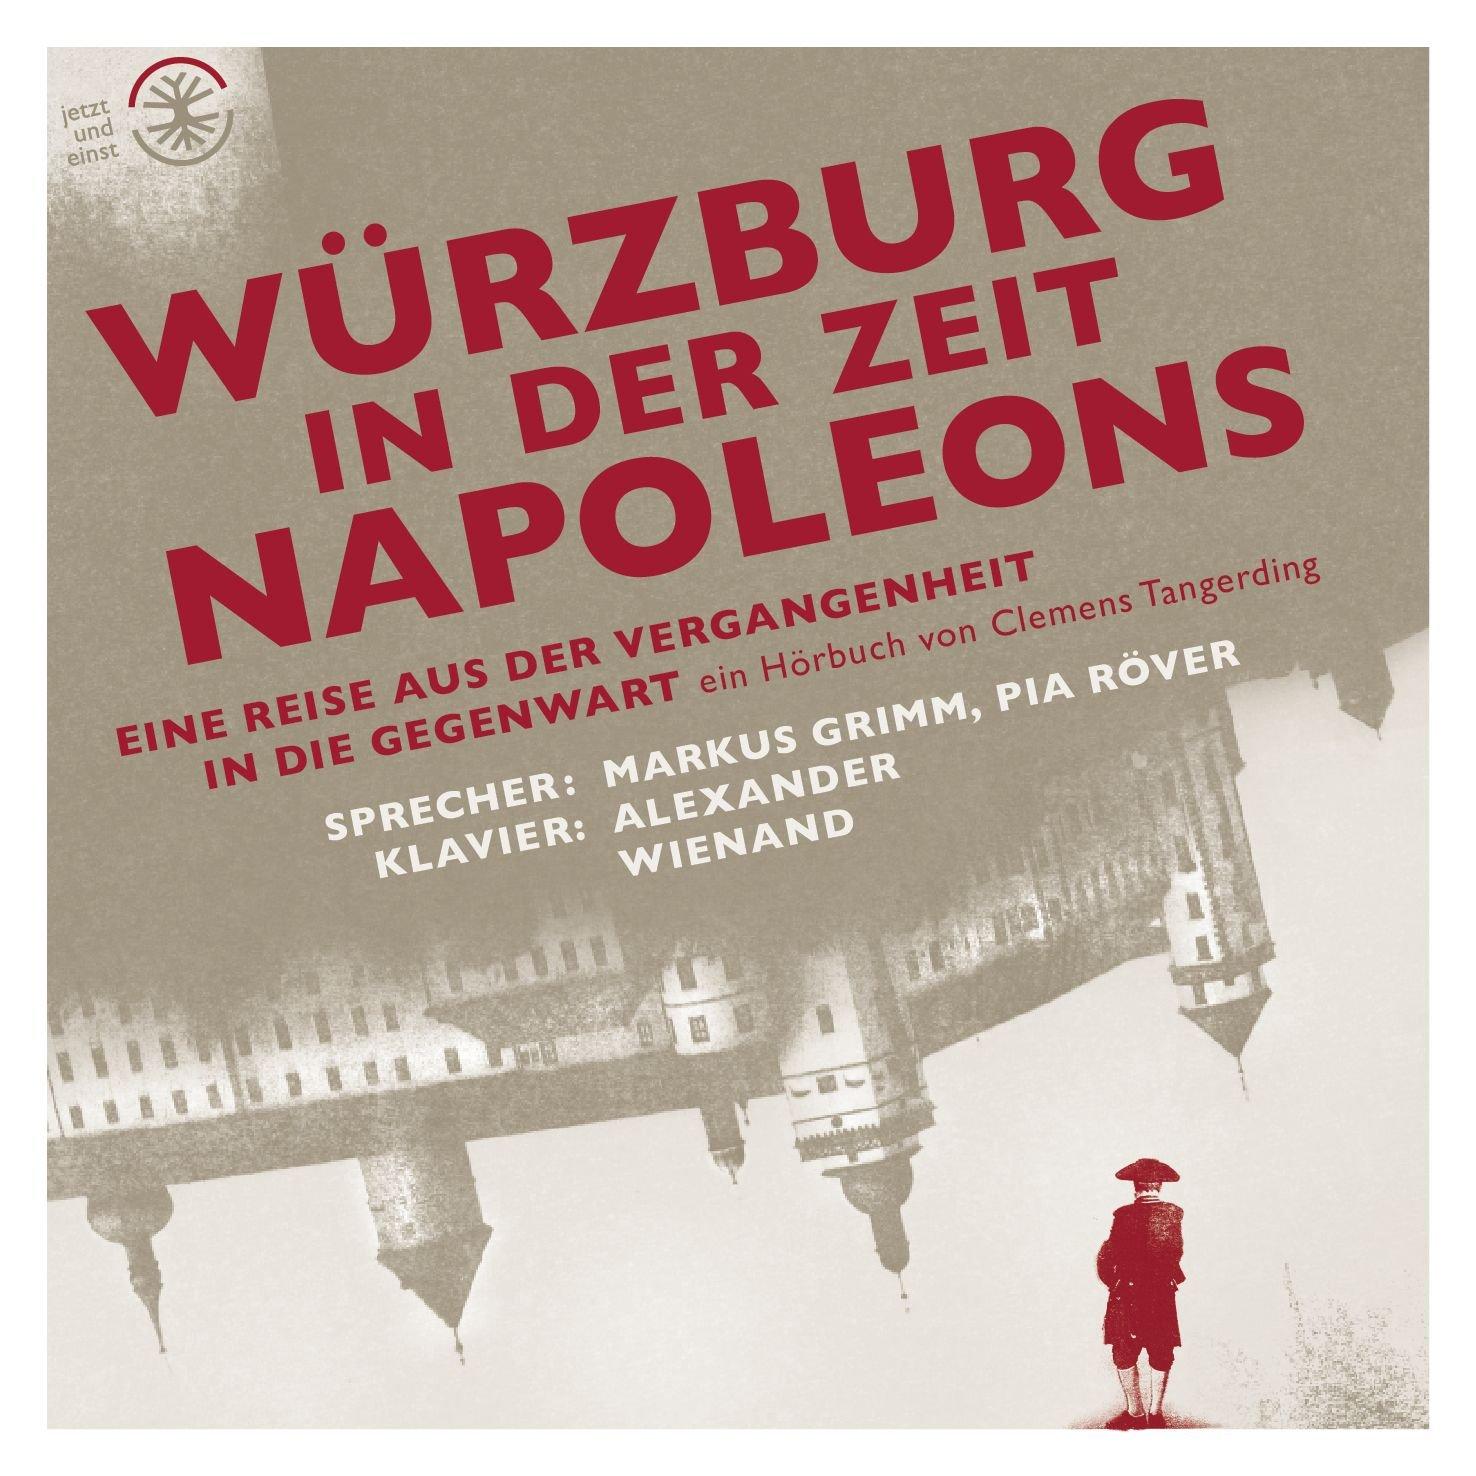 Würzburg in der Zeit Napoleons: Eine Reise aus der Vergangenheit in die Gegenwart